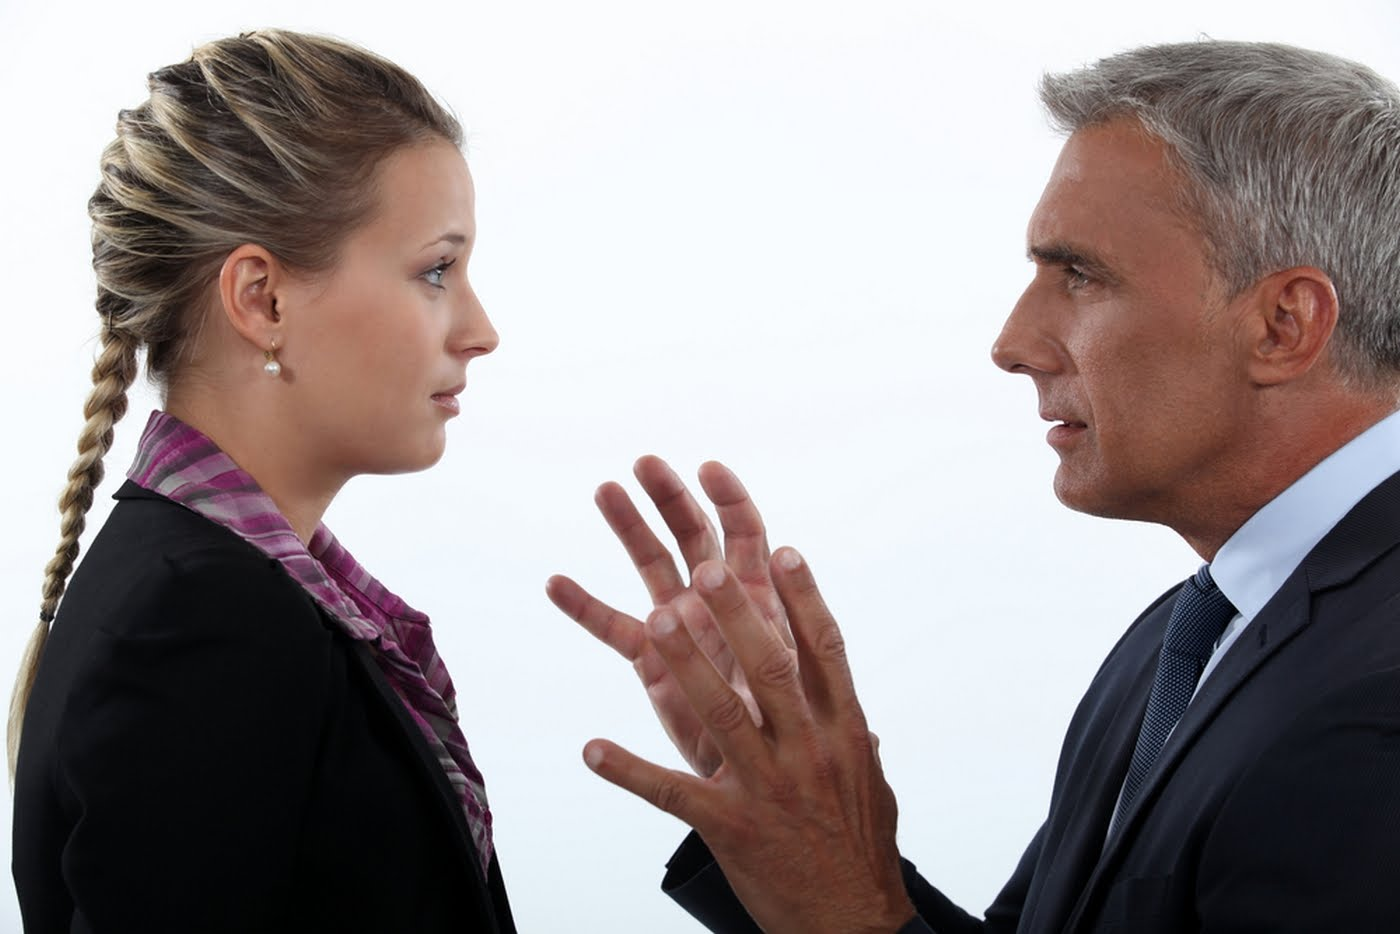 Качественно выполнять гипноз сможет научить лишь профессионал